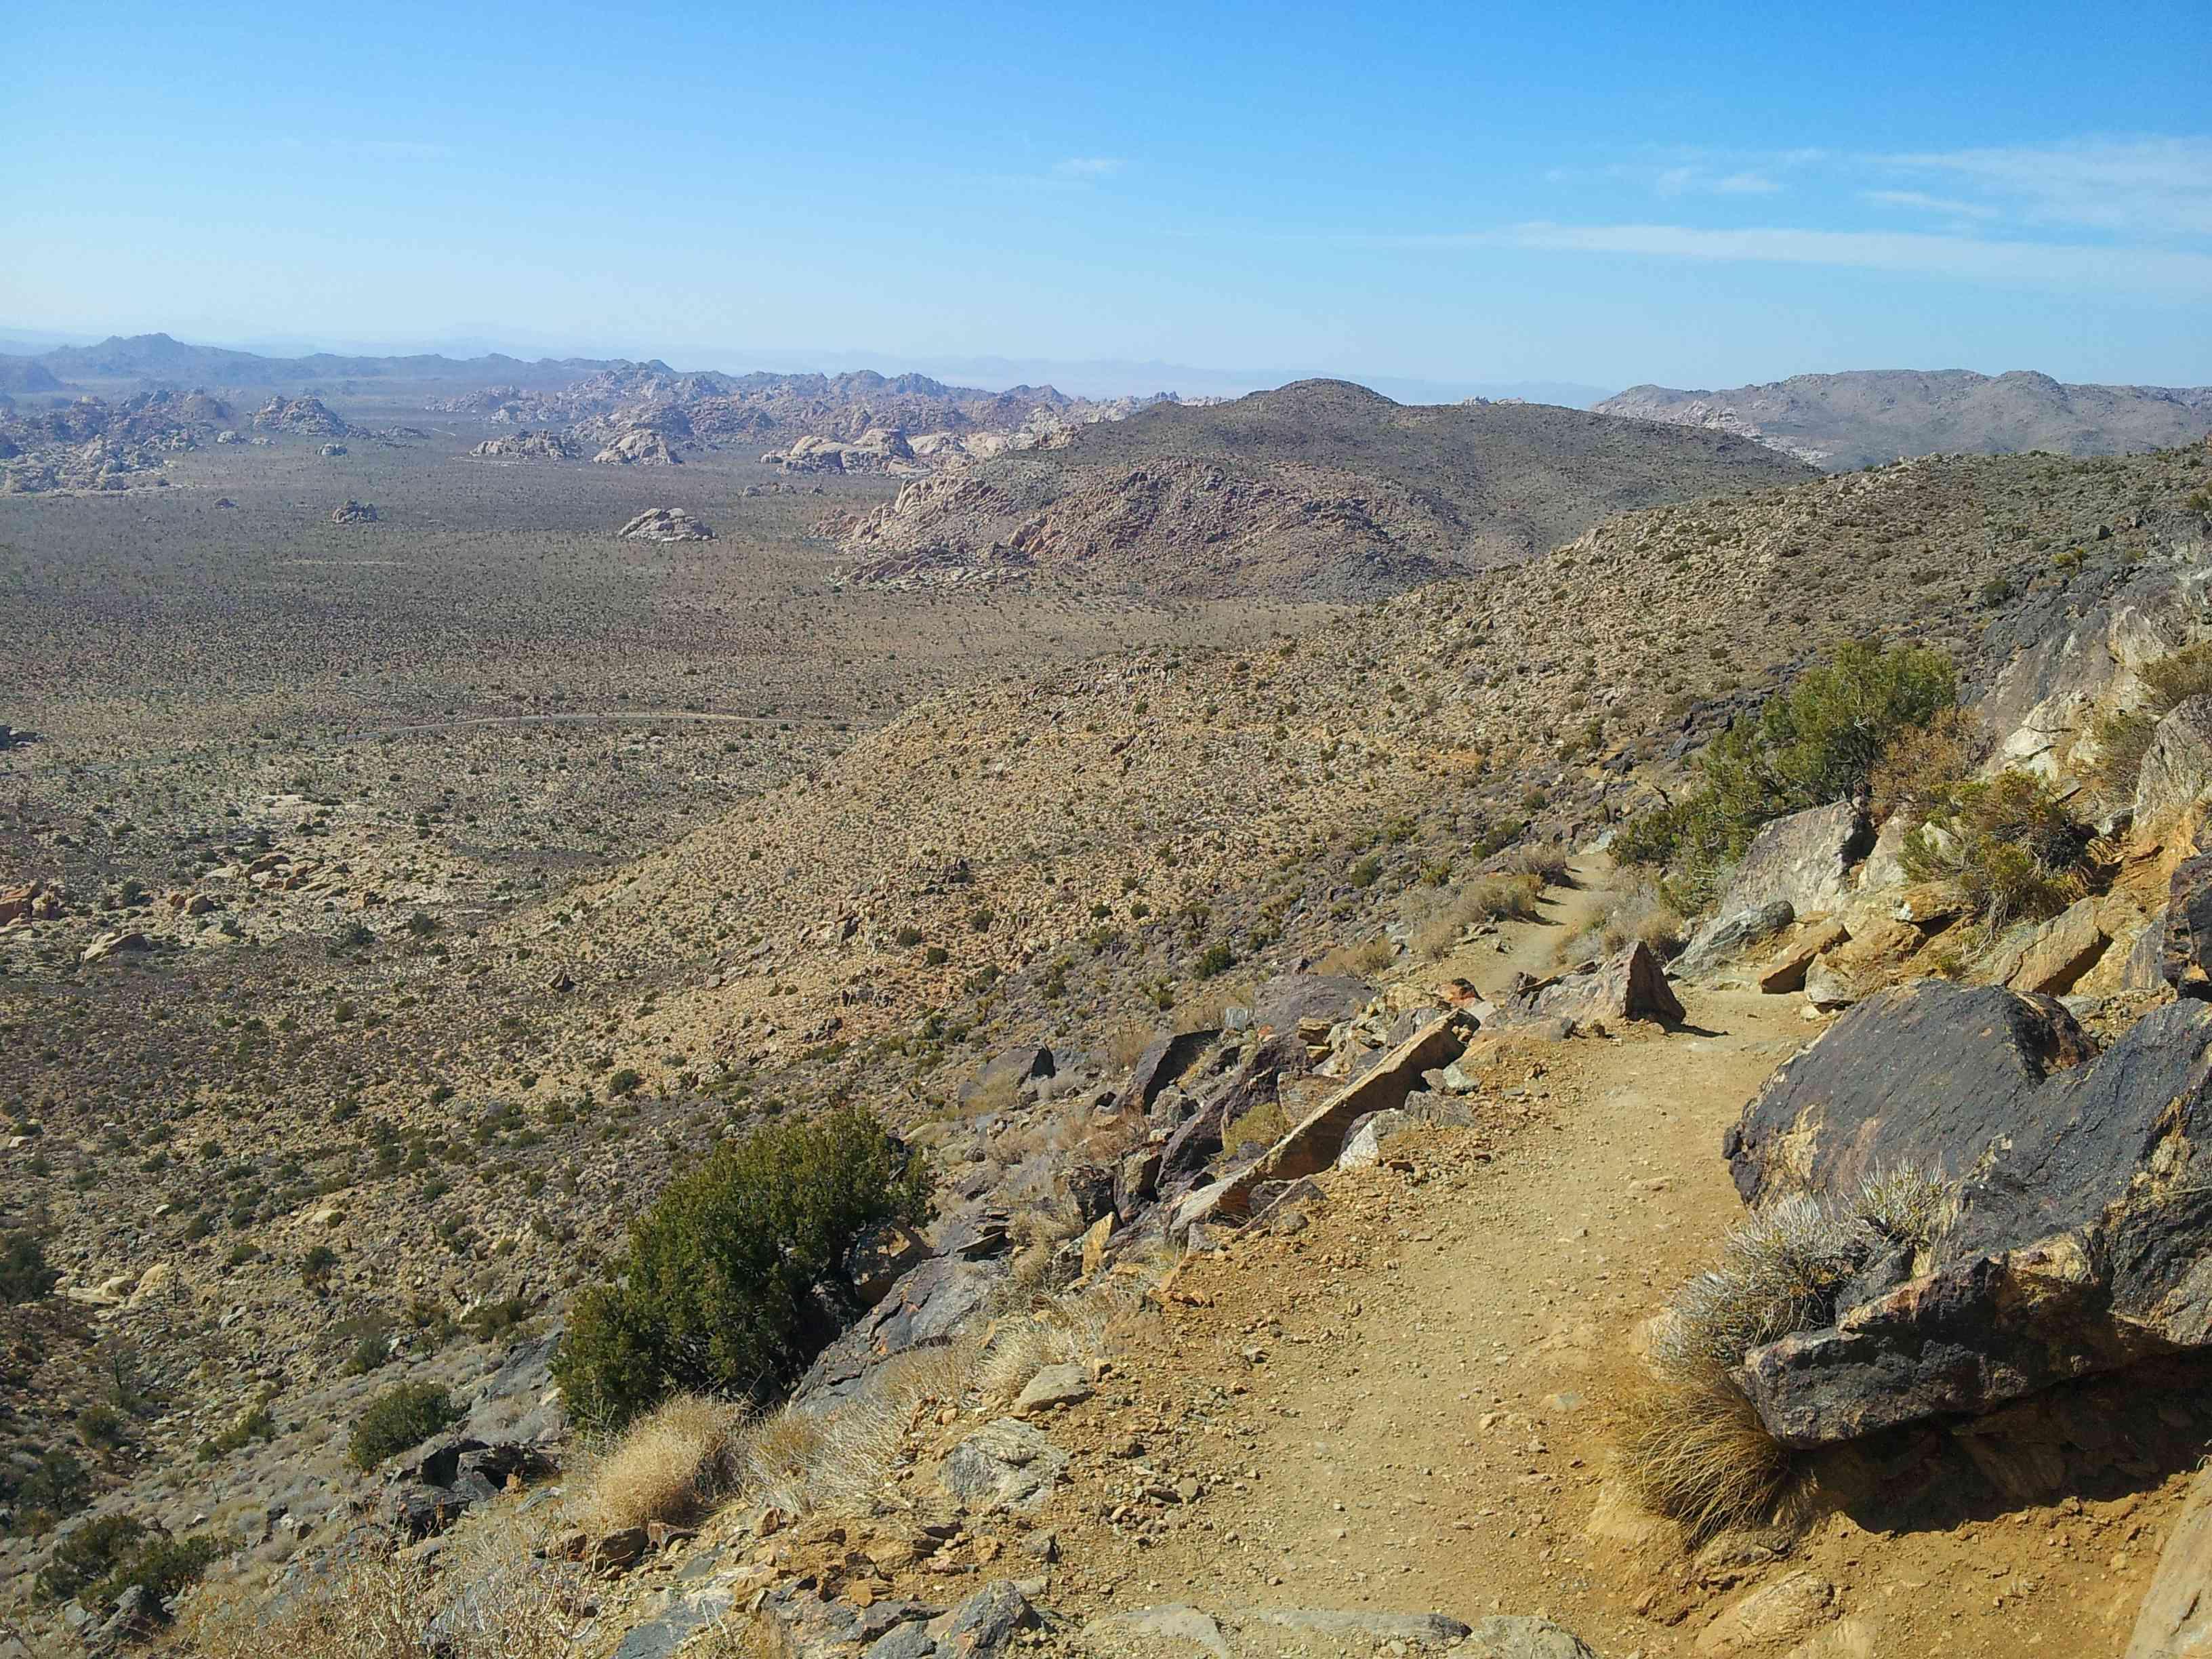 Ryan Mountain Trail in JTNP